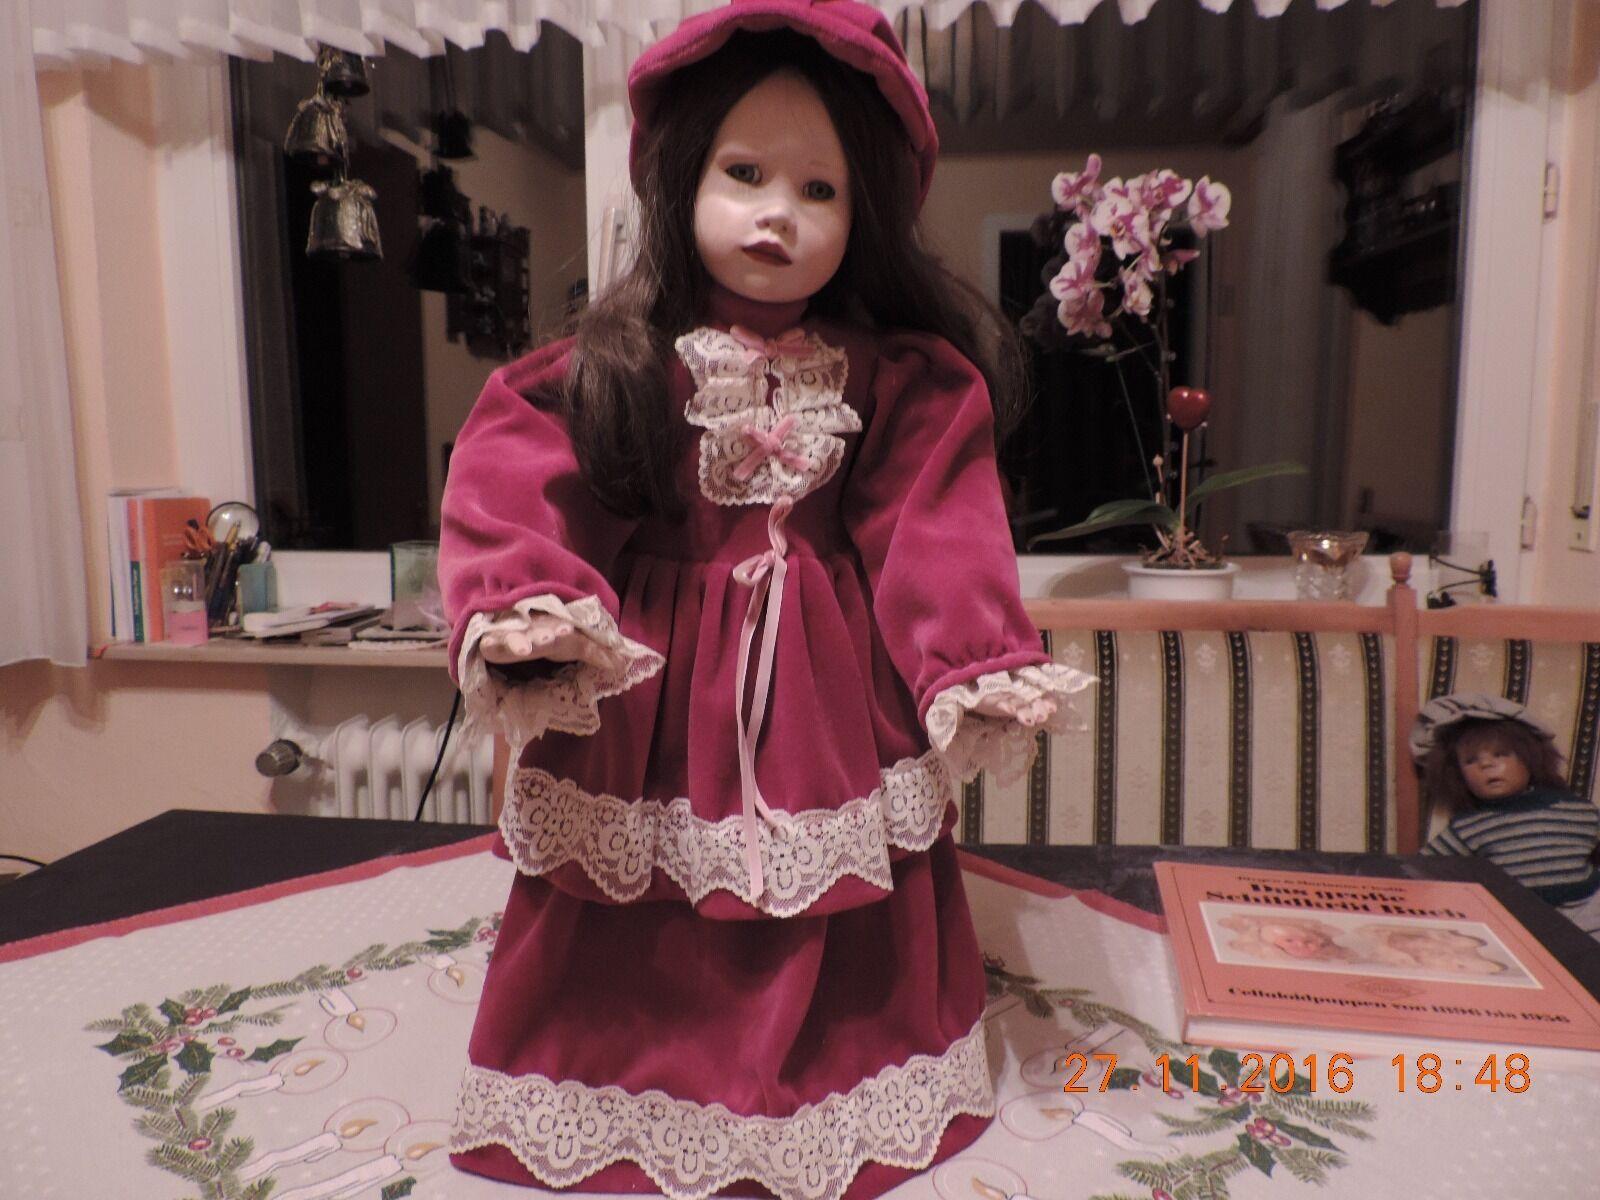 Puppe aus Porzellan sucht sucht sucht  neue Familie 57 cm 69d8db